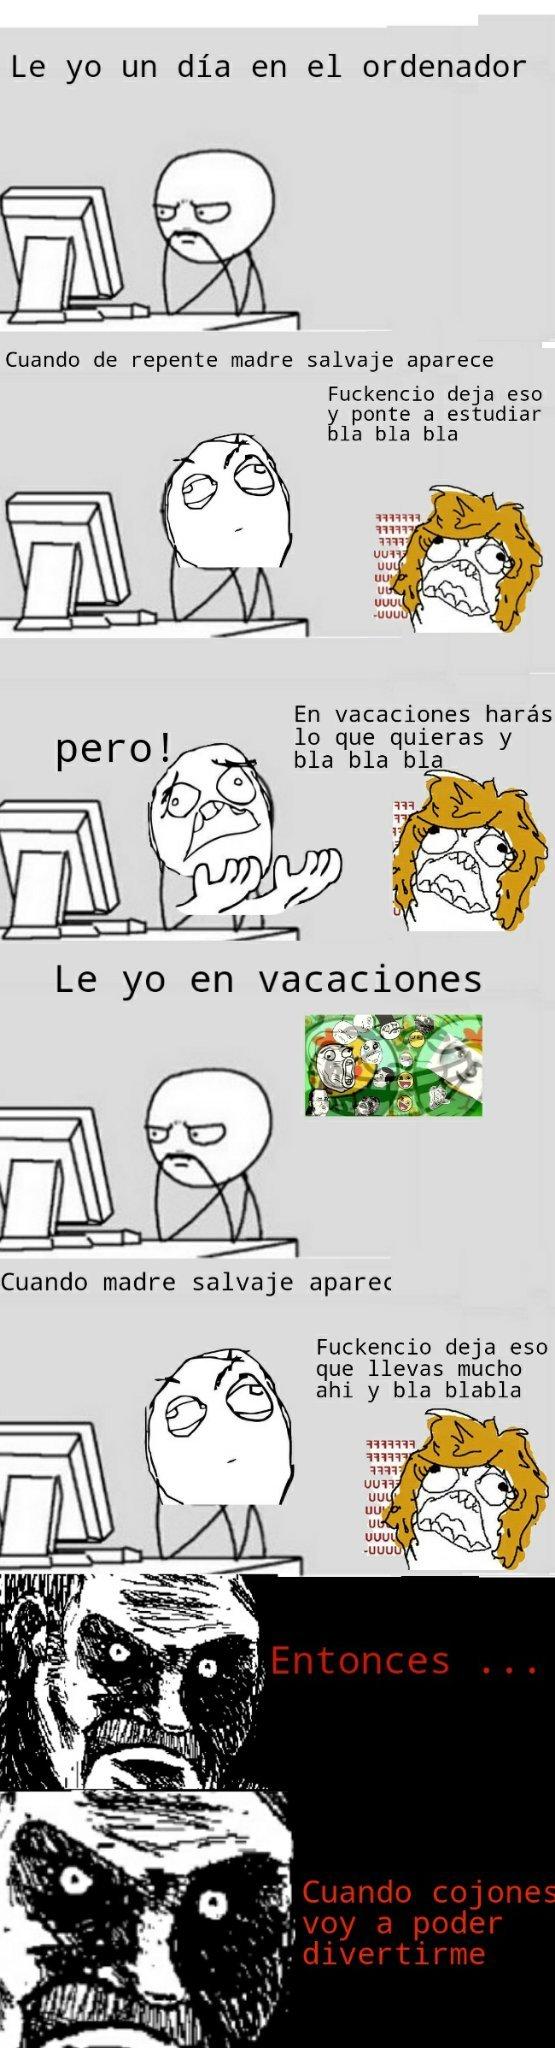 Original pls aceptenlo - meme